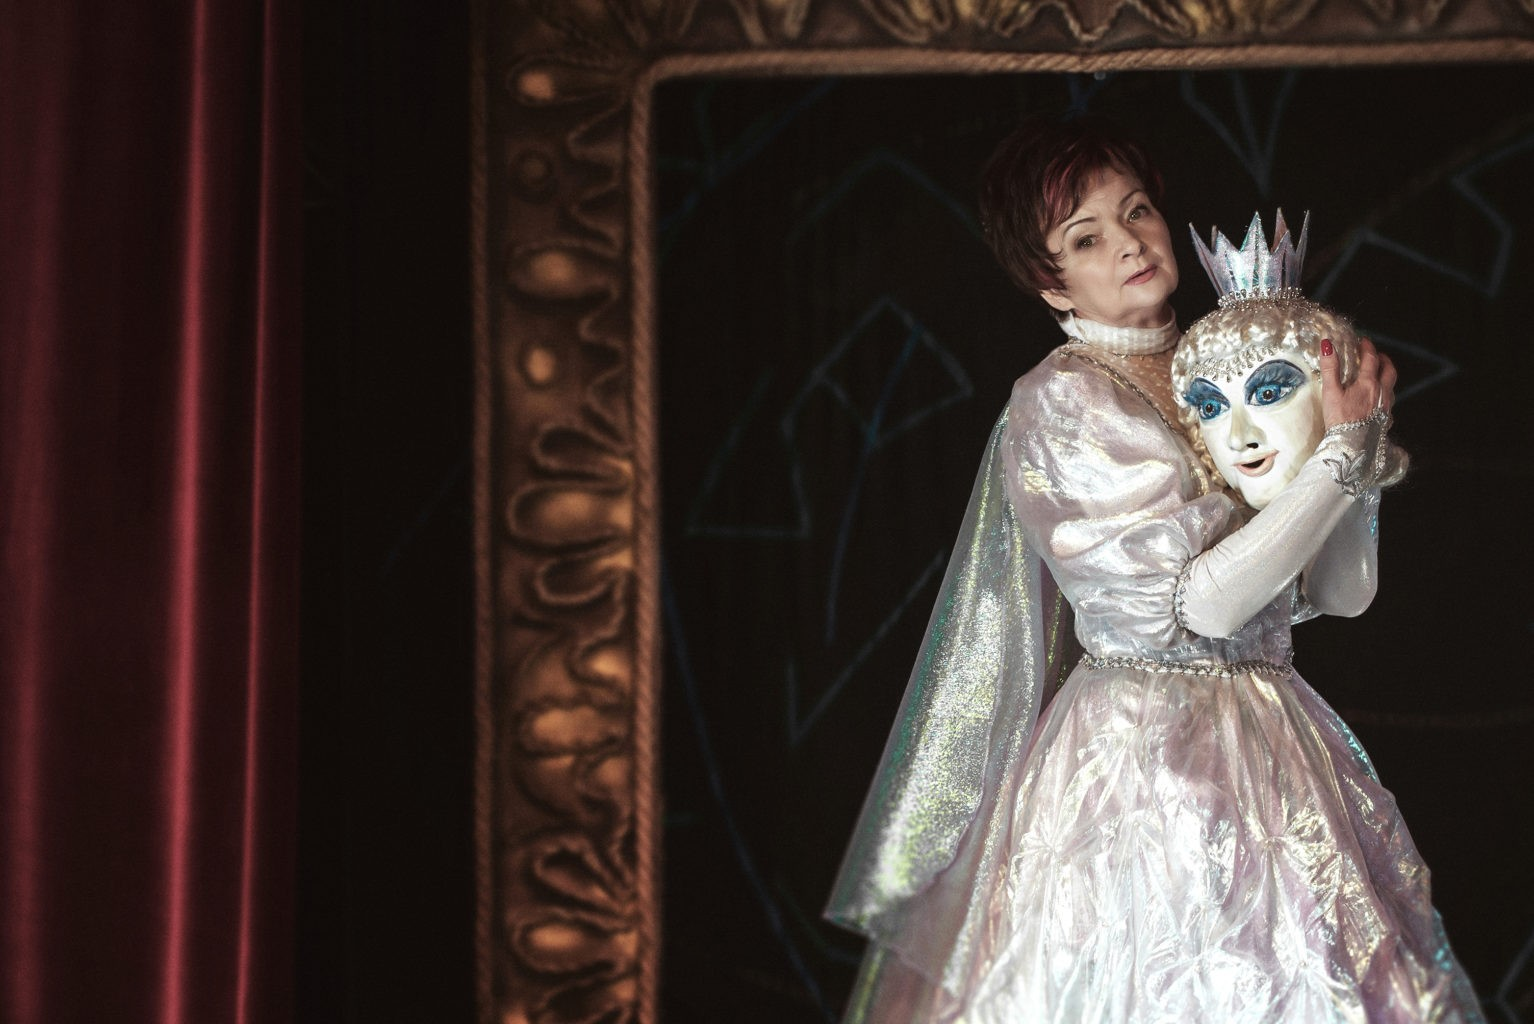 Г. Романова (спектакль «История Снежной королевы»): фотография